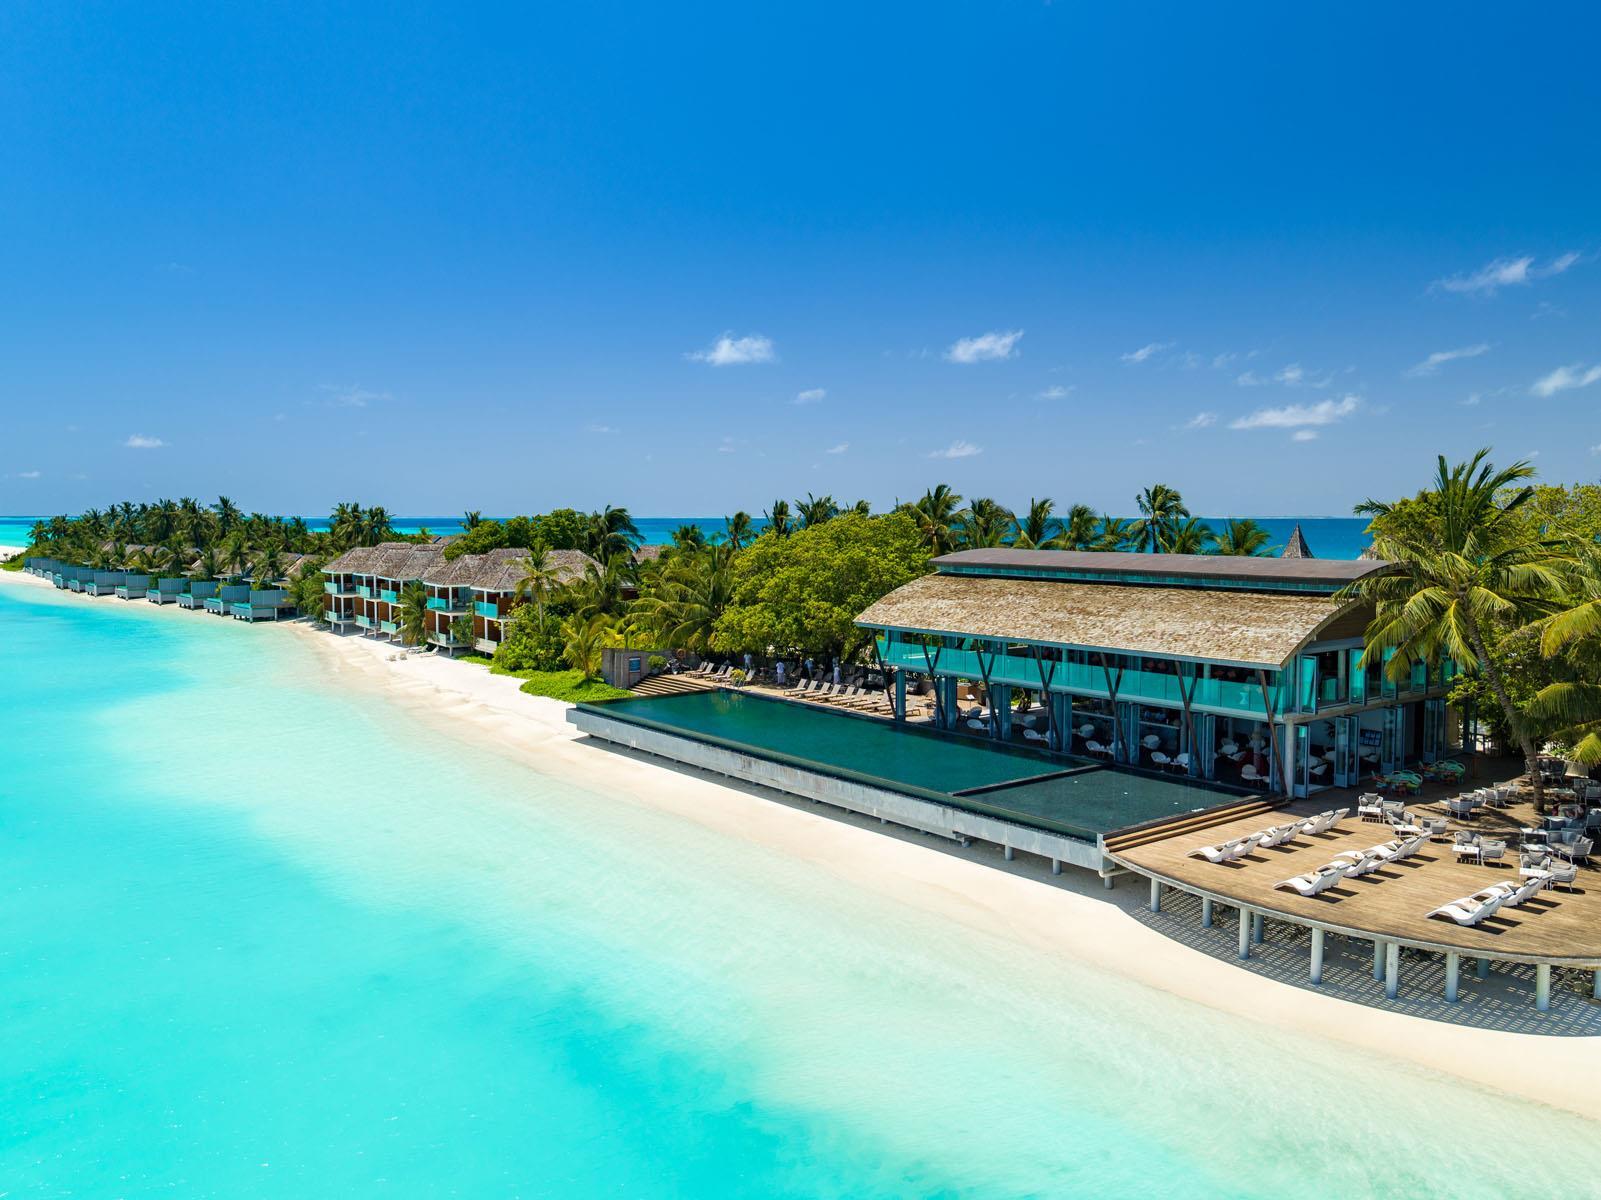 kuramathi-island-maldives-genel-003